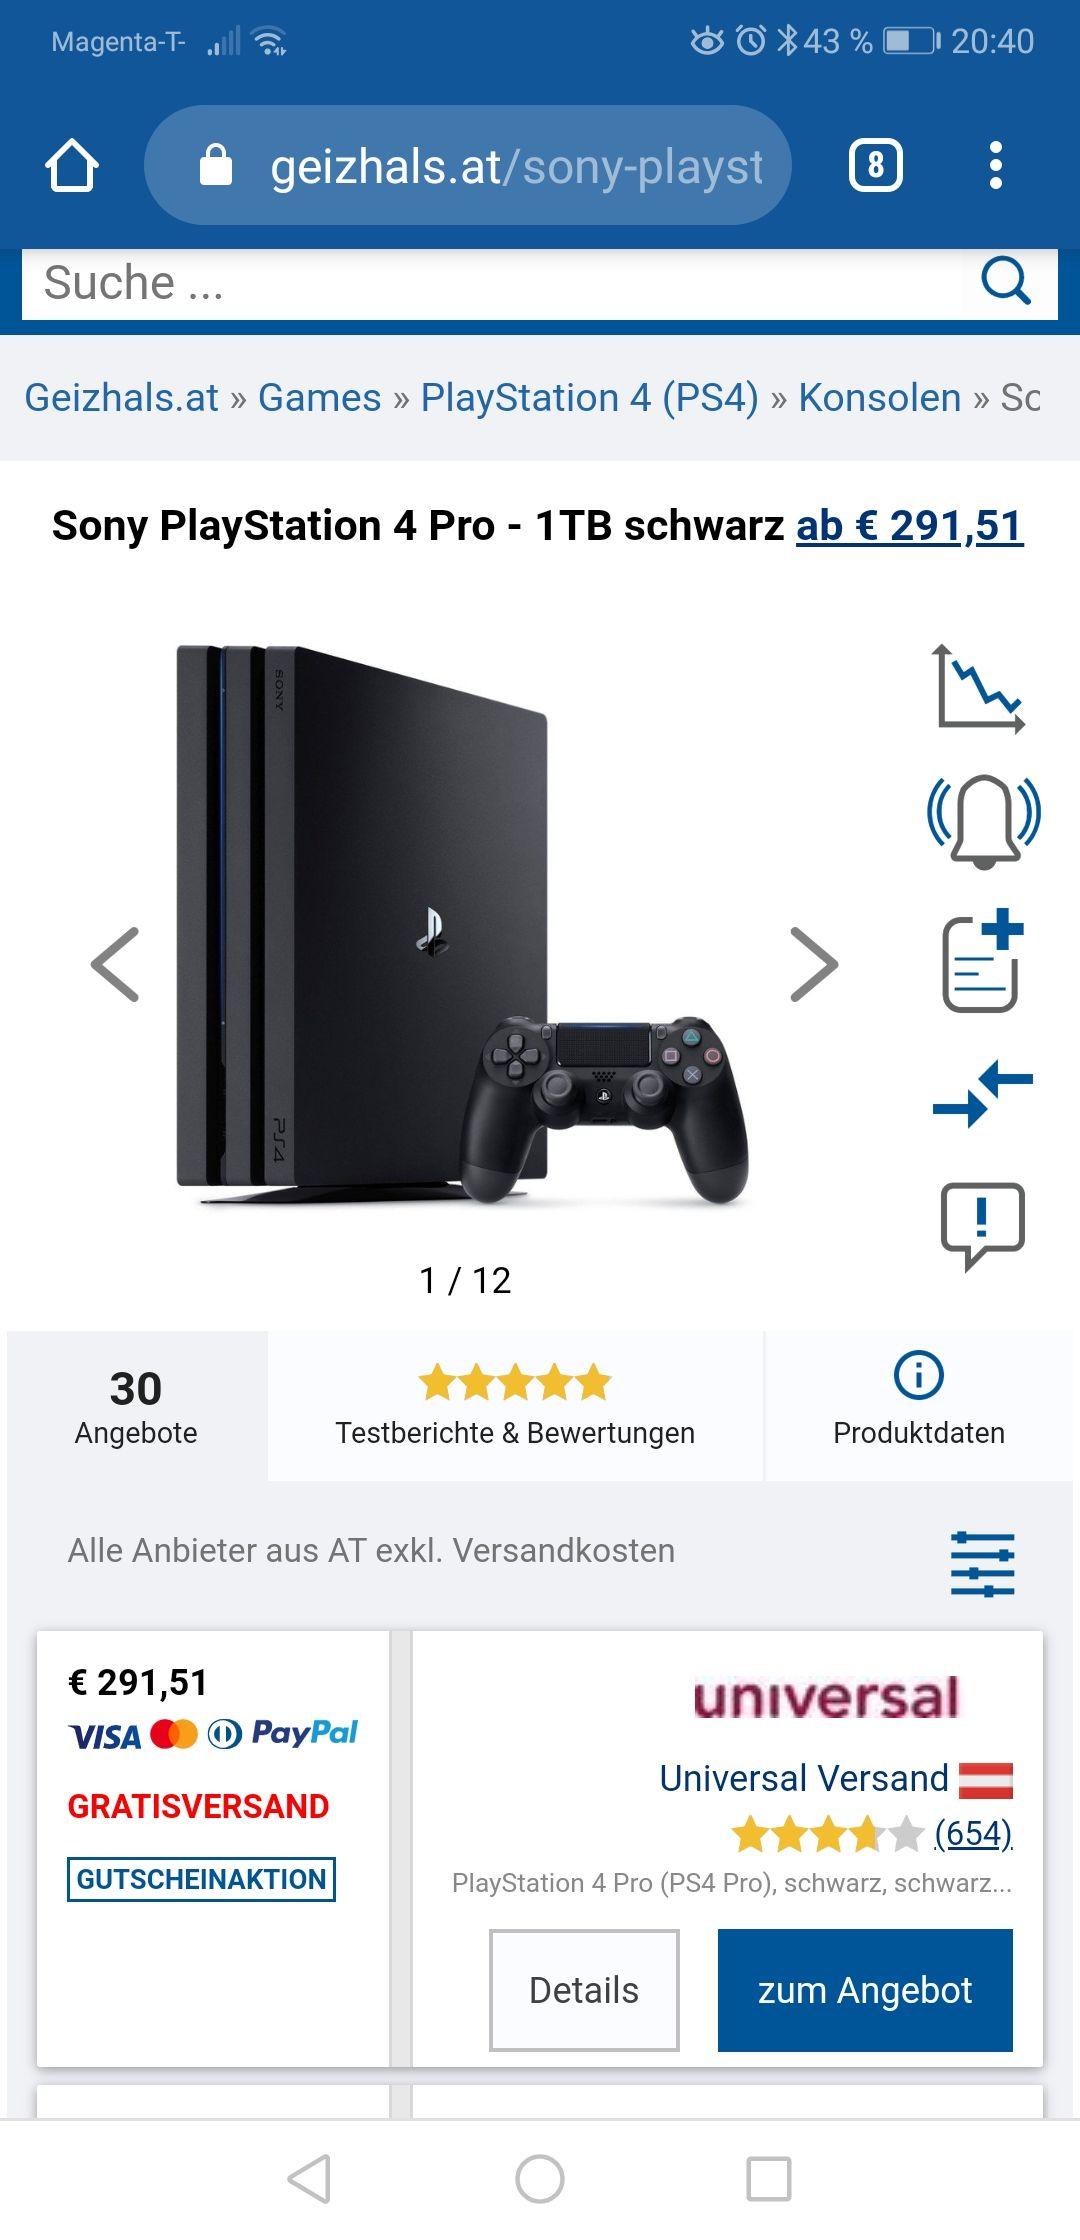 PS4 Pro 1TB inkl. 3 Jahre Garantie (zusätzlich -8% Cashback möglich)